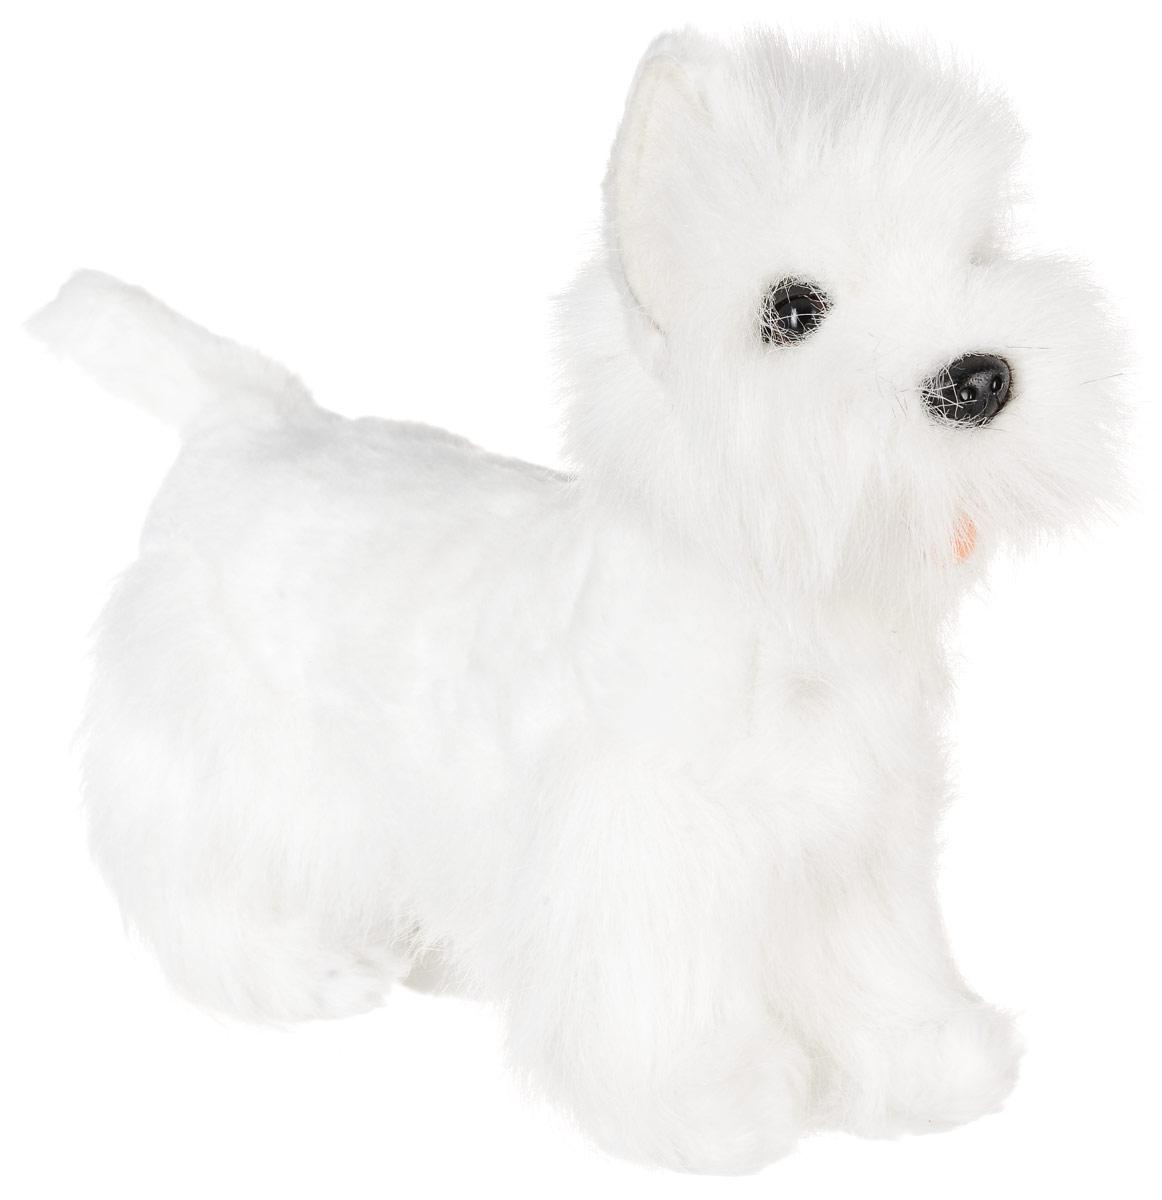 Hansa Toys Мягкая игрушка Вест хайленд терьер 26 см6307Родина Вест Хайленд Уайт Терьера - Шотландия. Несмотря на миниатюрные размеры этих собак, они очень работоспособны, поэтому их долгое время использовали для охоты на барсуков и лис. Маленькая, но крепкая собака - средний рост двадцать восемь сантиметров, и весом не более десяти килограммов. Это веселые и непоседливые собаки, требующие постоянного внимания к себе. Они являются обладателями звонкого голоса. Безгранично доверяют своему хозяину и всегда готовы встать на его защиту, даже несмотря на маленький размер. Мягкая игрушка Hansa Toys Вест хайленд терьер обязательно понравится вам и вашему малышу, а также познакомит вас с этим животным.